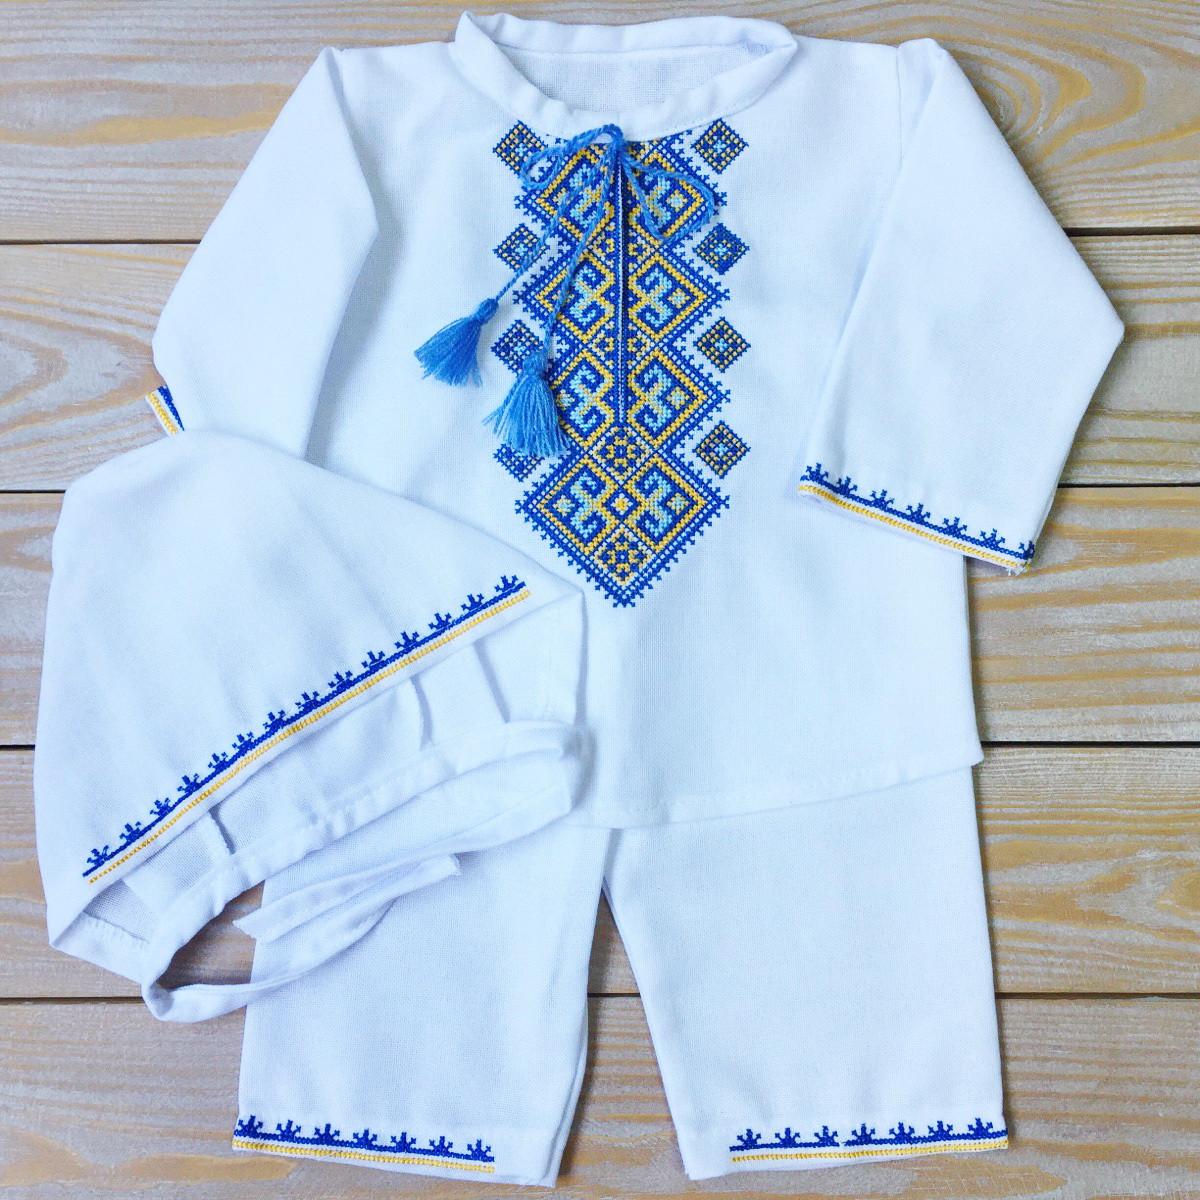 """Набор для крещения мальчика """"Патриот"""" на домоткане  62 см - 68 см - Интернет-магазин  """"KinderLike"""" в Киеве"""